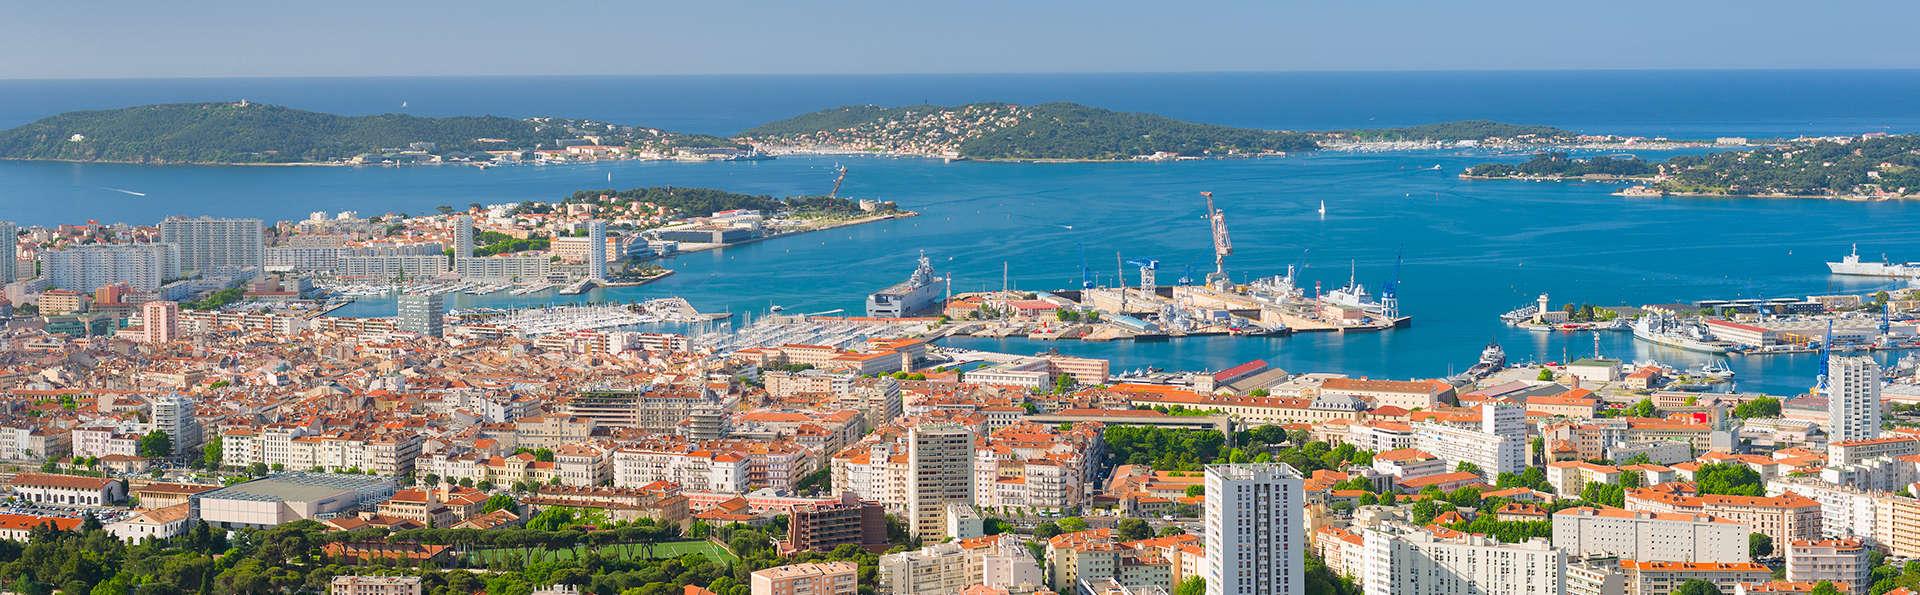 Eautel Toulon Port - EDIT_TOULON_03.jpg